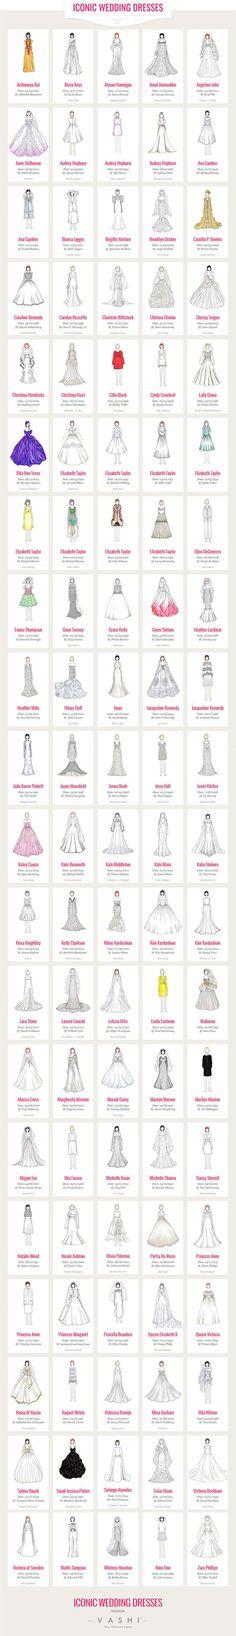 A designer inglesa Pauline Dujancourt reuniu os 100 vestidos de noiva mais icônicos usados pelas celebridades.